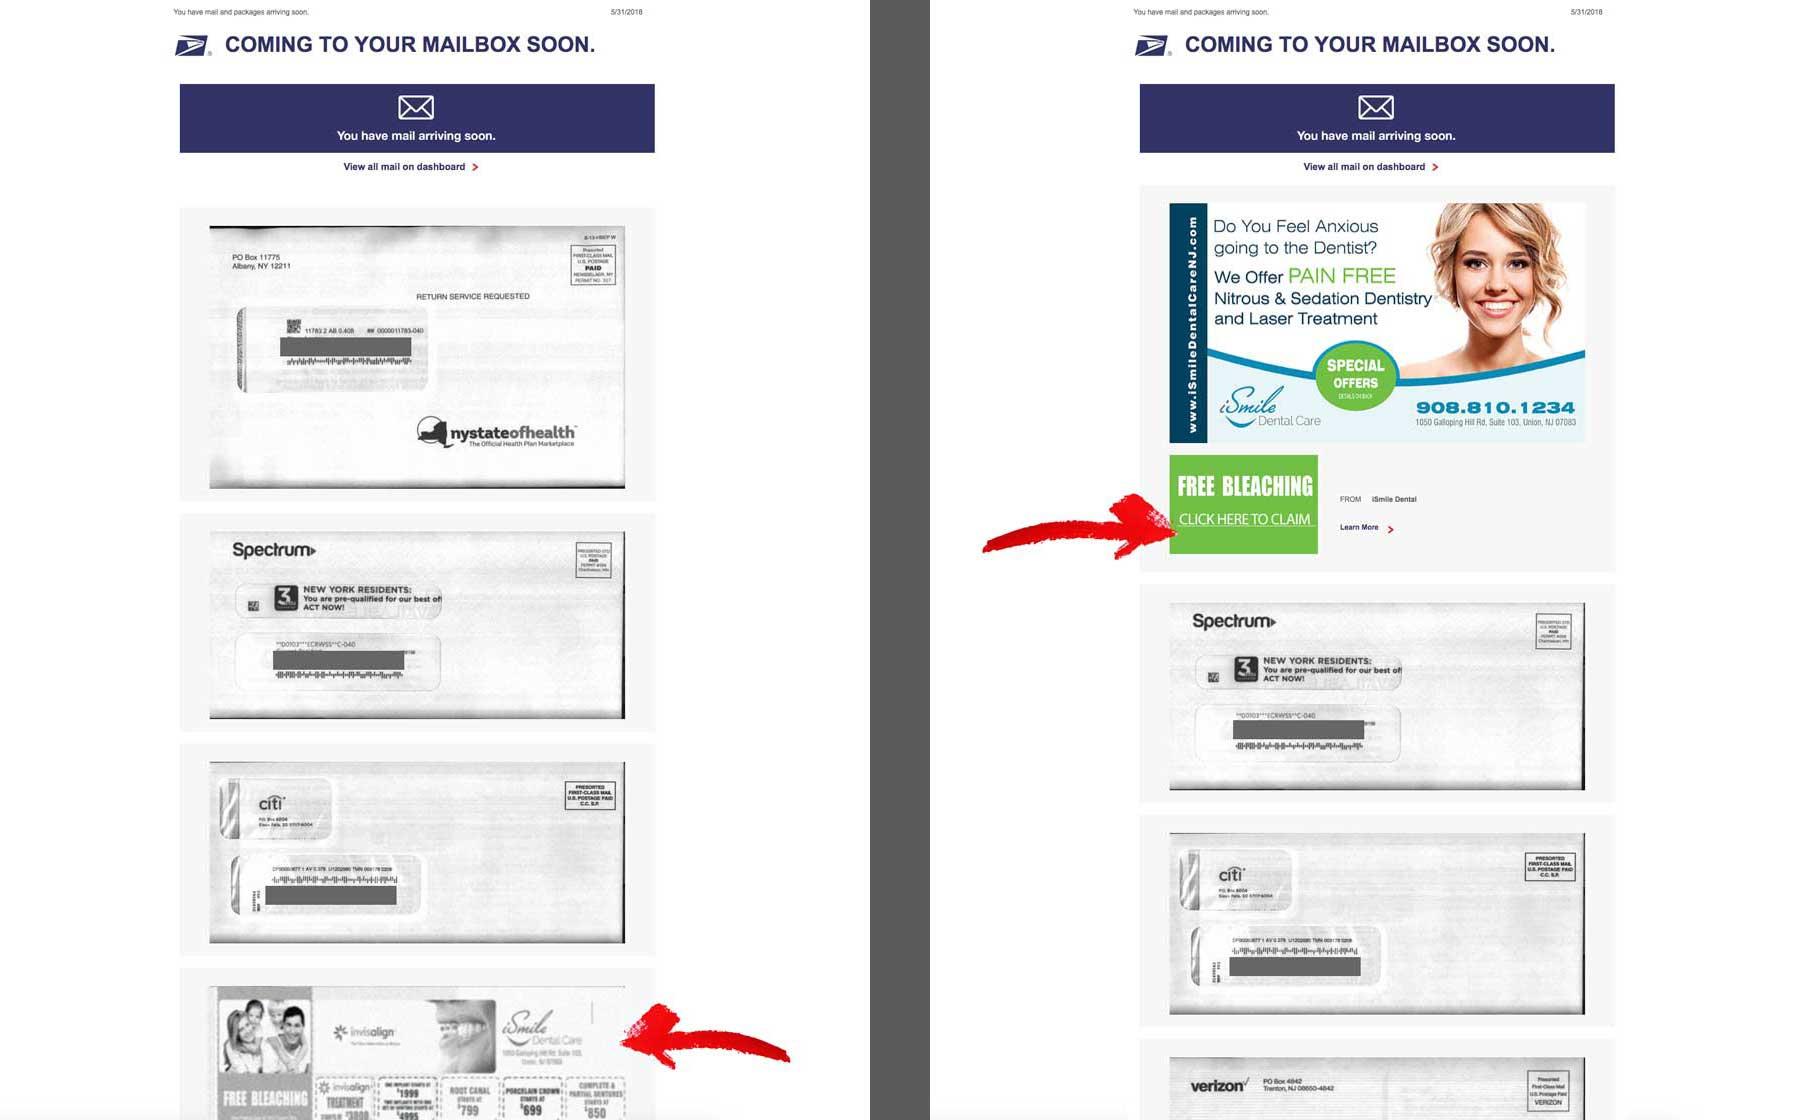 USPS Informed Delivery Email Inbox